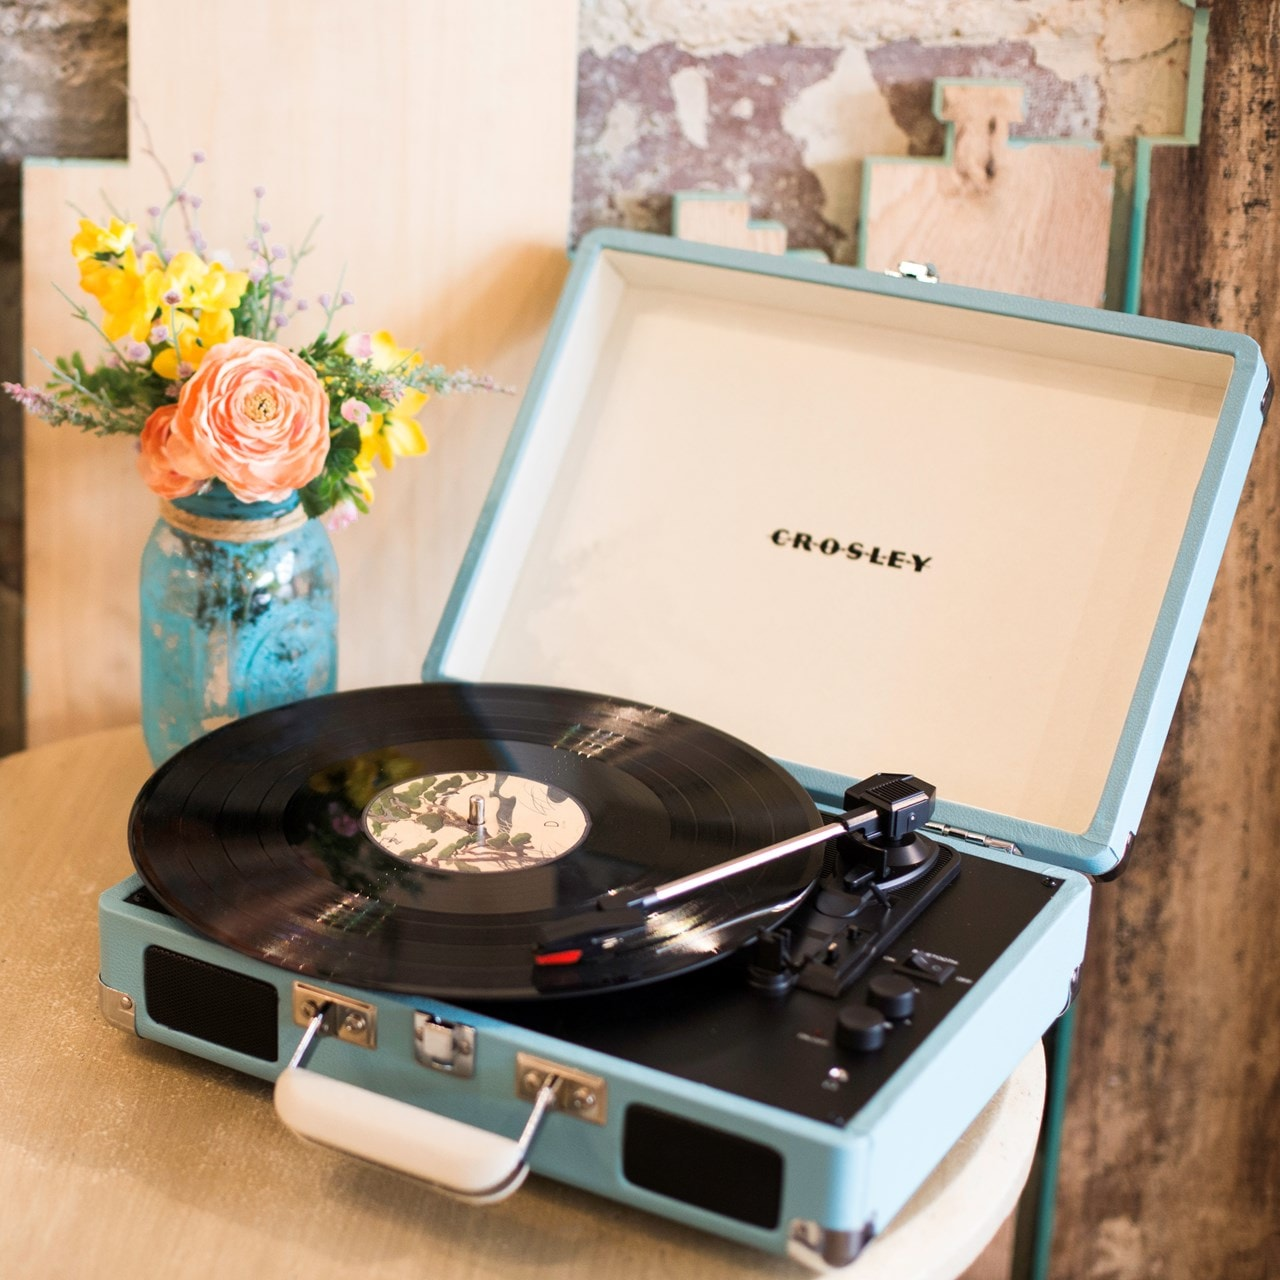 Crosley Cruiser Deluxe Turquoise Turntable - 7